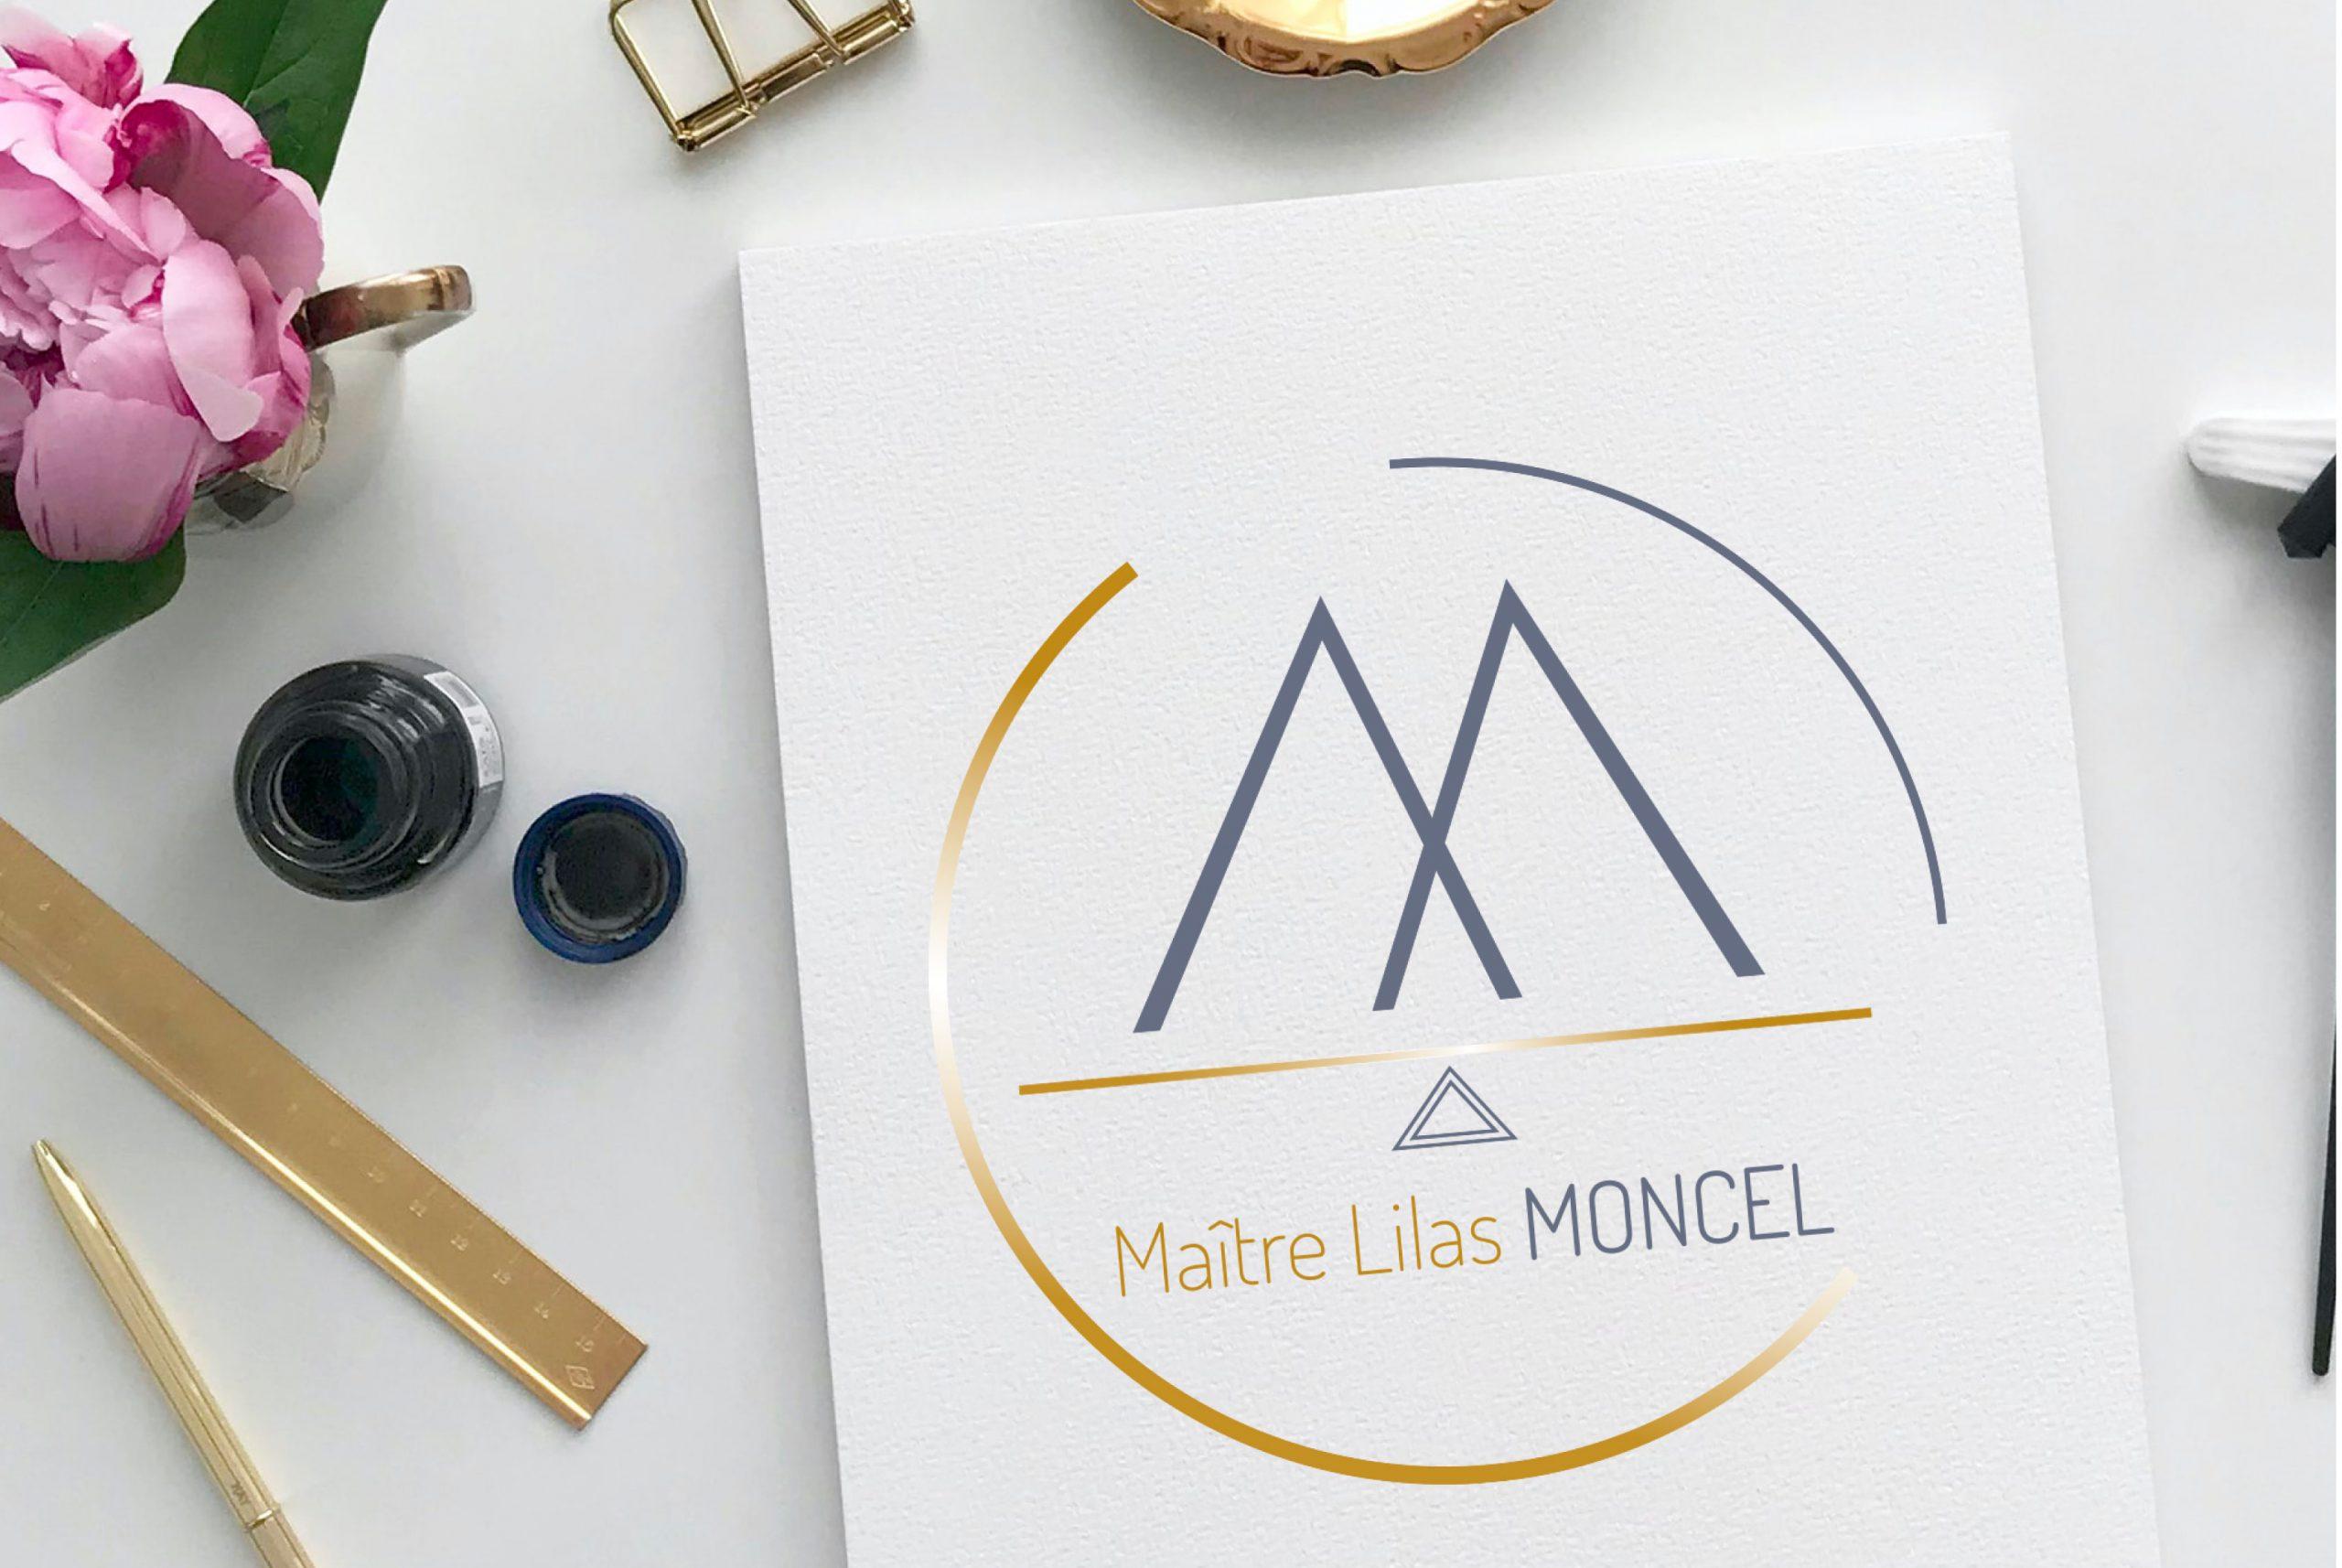 création de carte de visite Maitre Lilas Moncel par 7essentiels